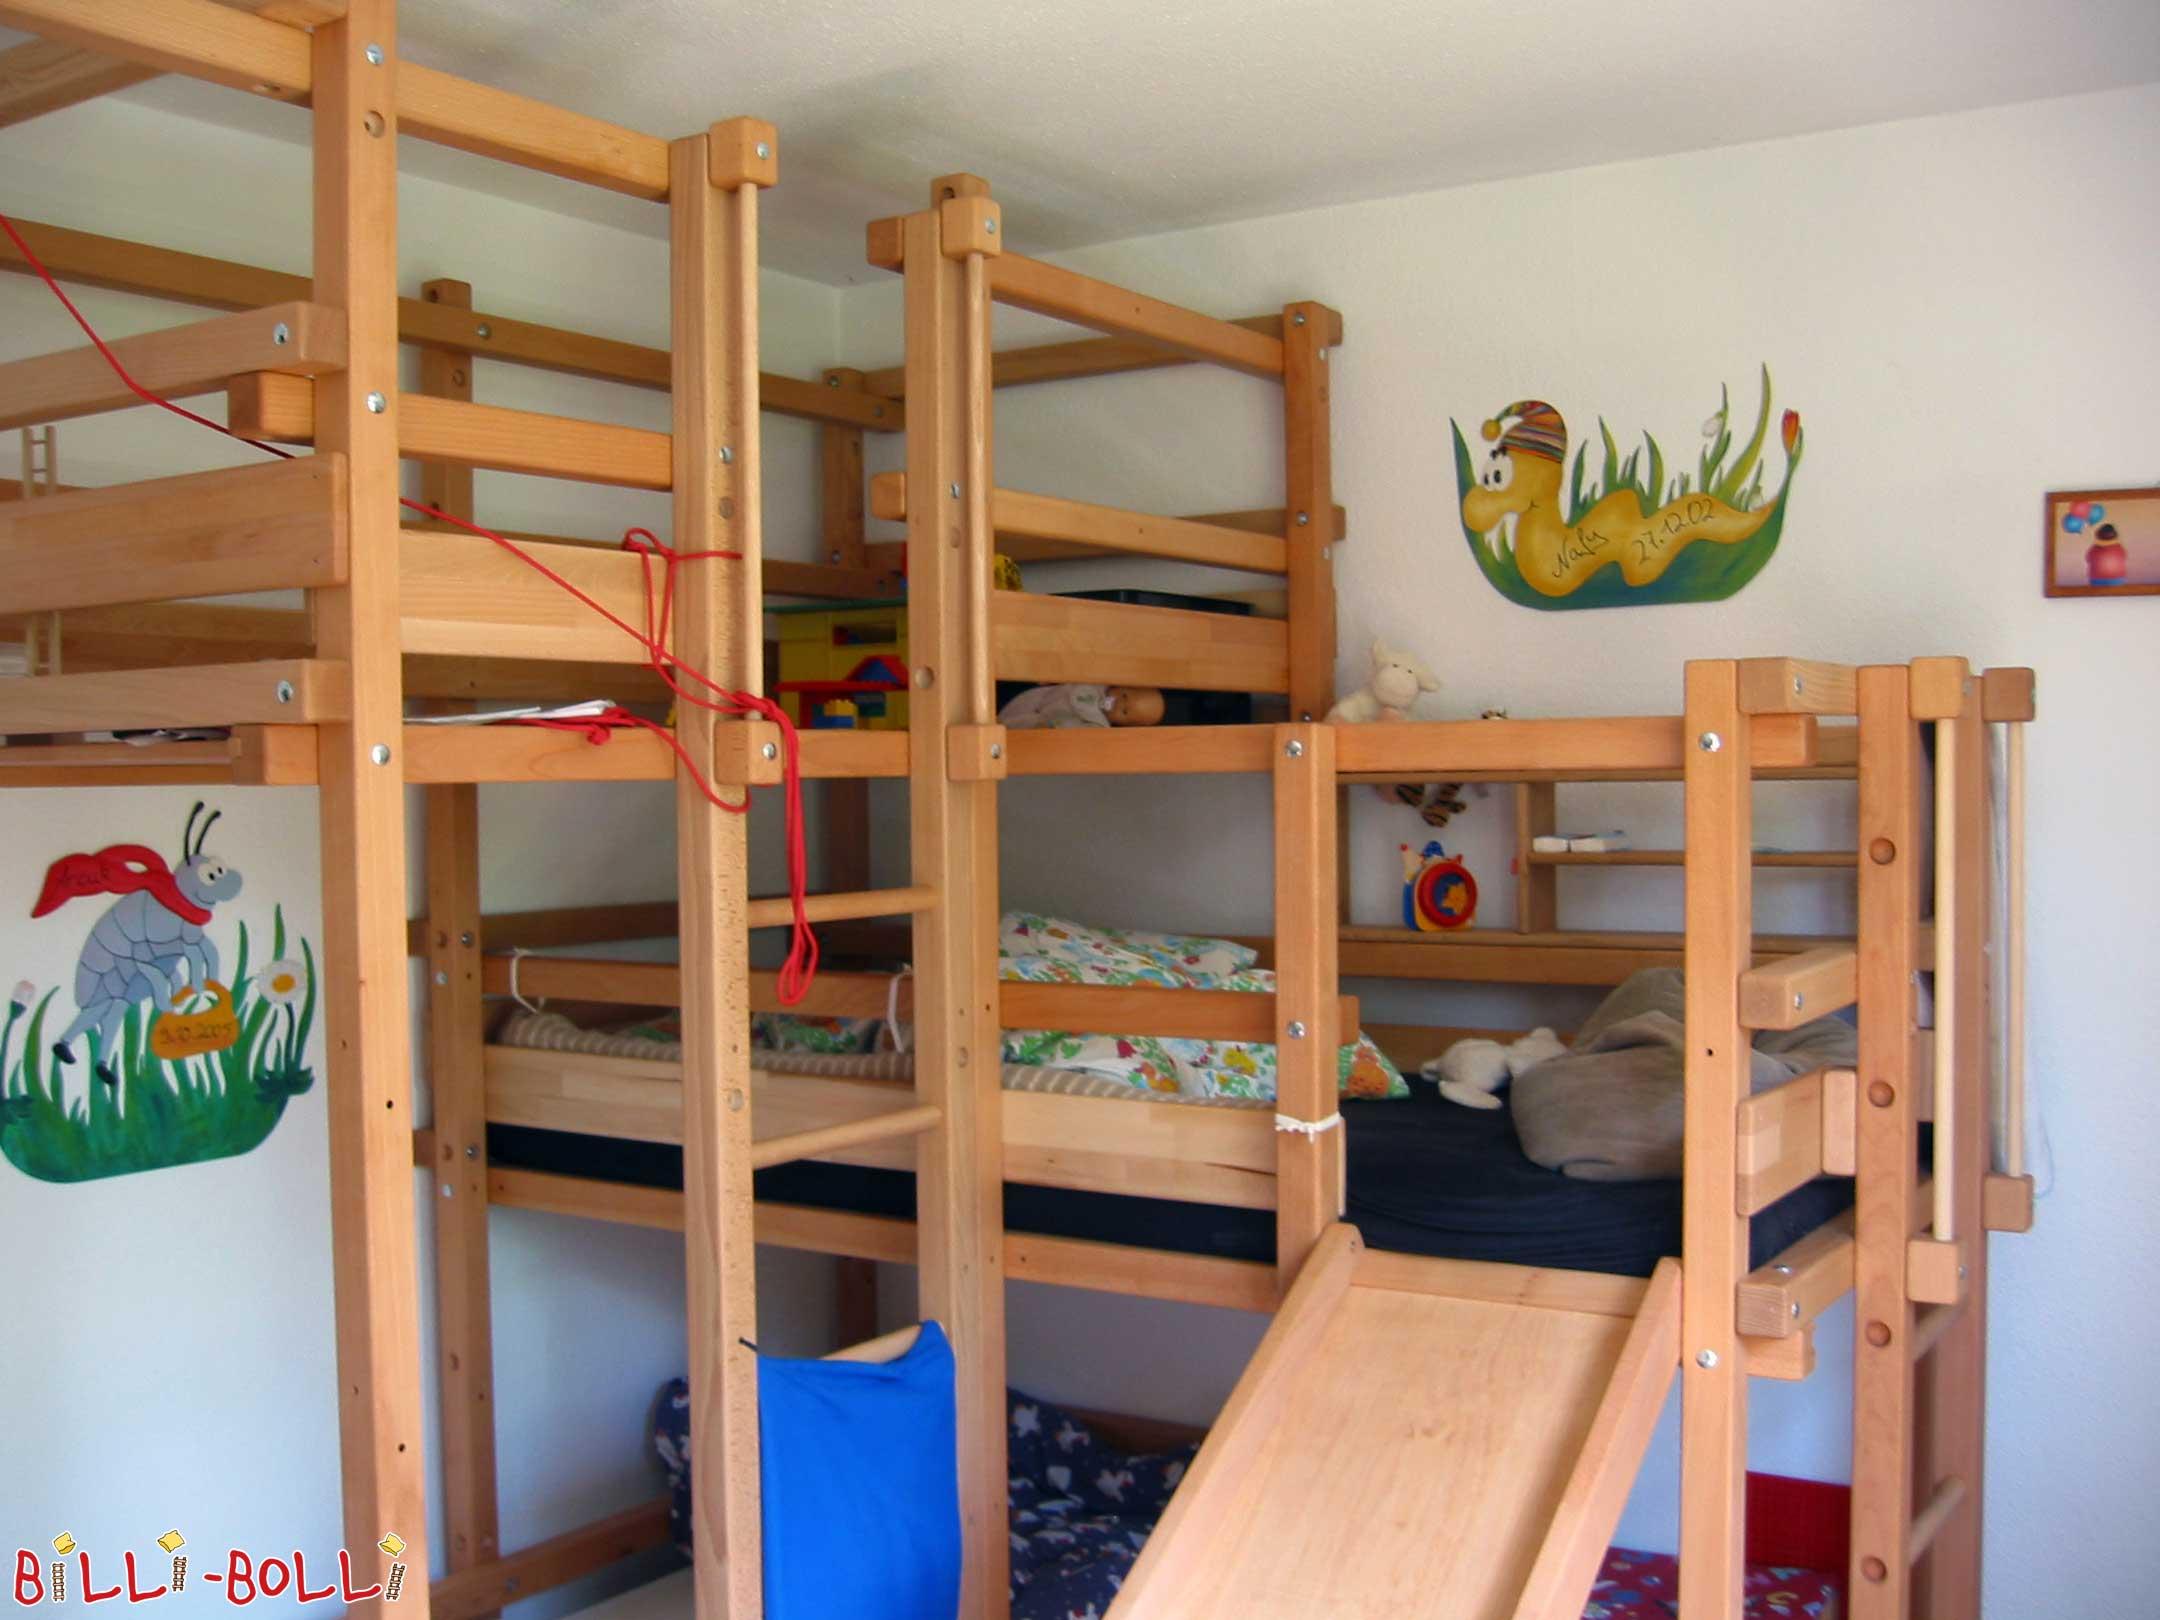 Etagenbett Beide Oben : Beide oben betten billi bolli kindermöbel